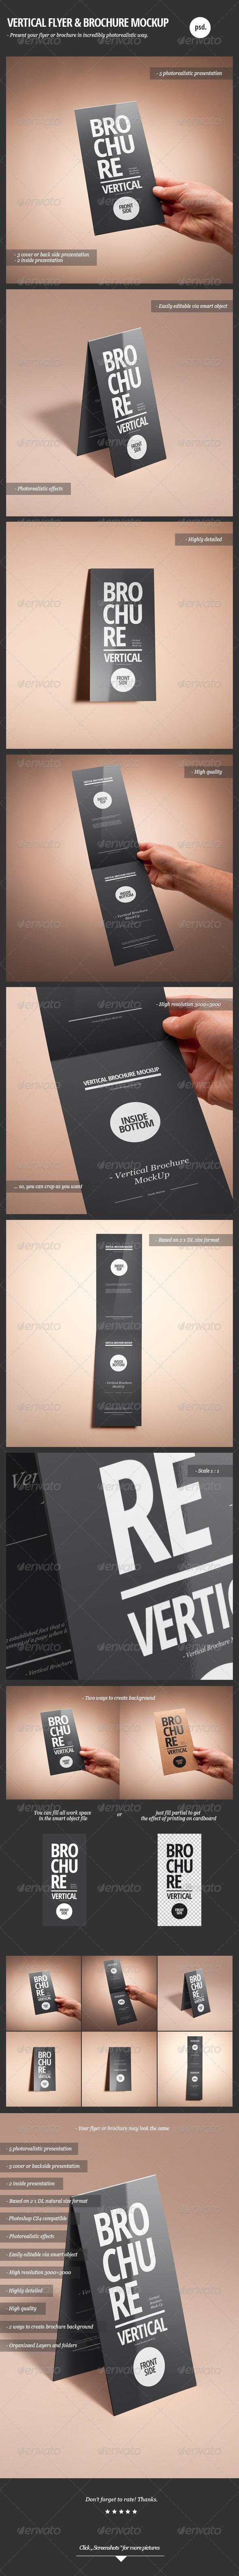 GraphicRiver Vertical Flyer & Brochure Mock-Up 2375888